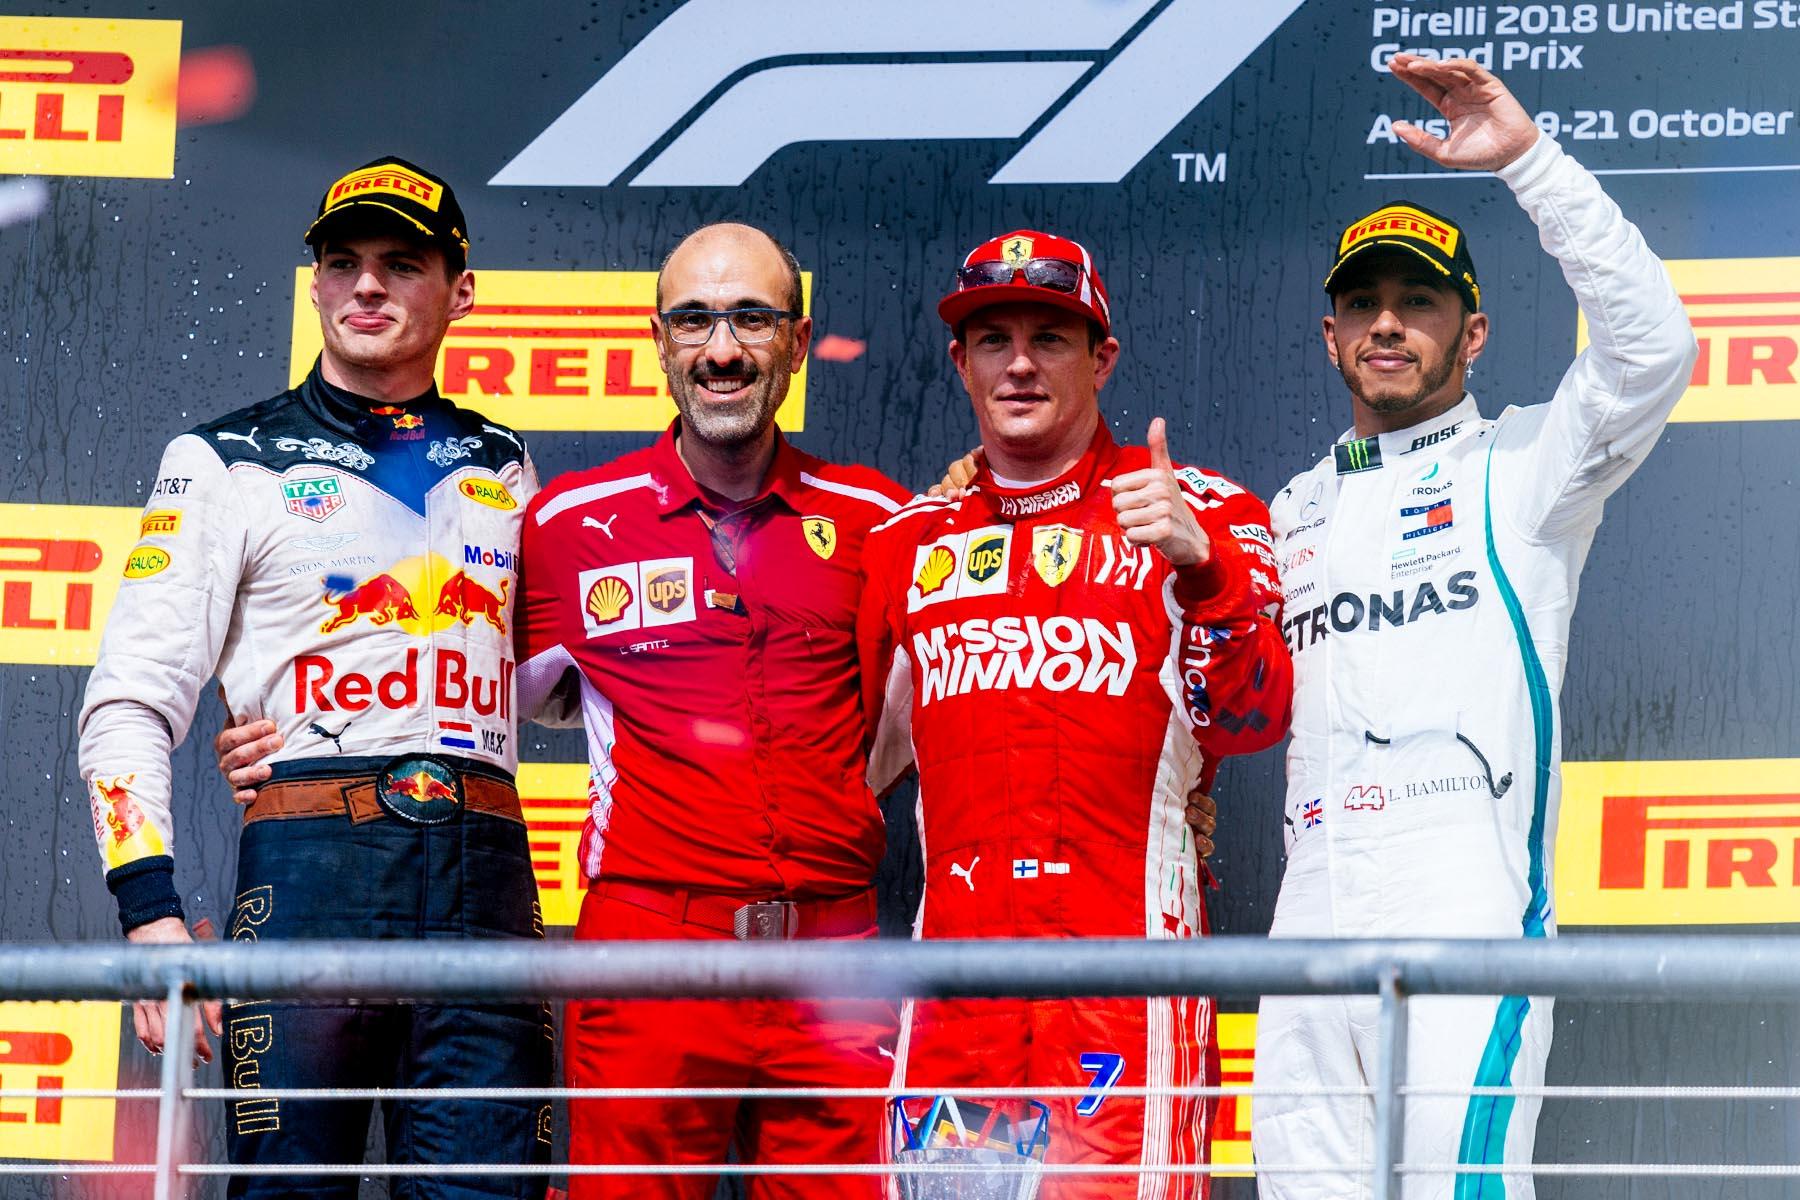 Kimi Raikkonen celebrates on the podium at the 2018 United States Grand Prix.